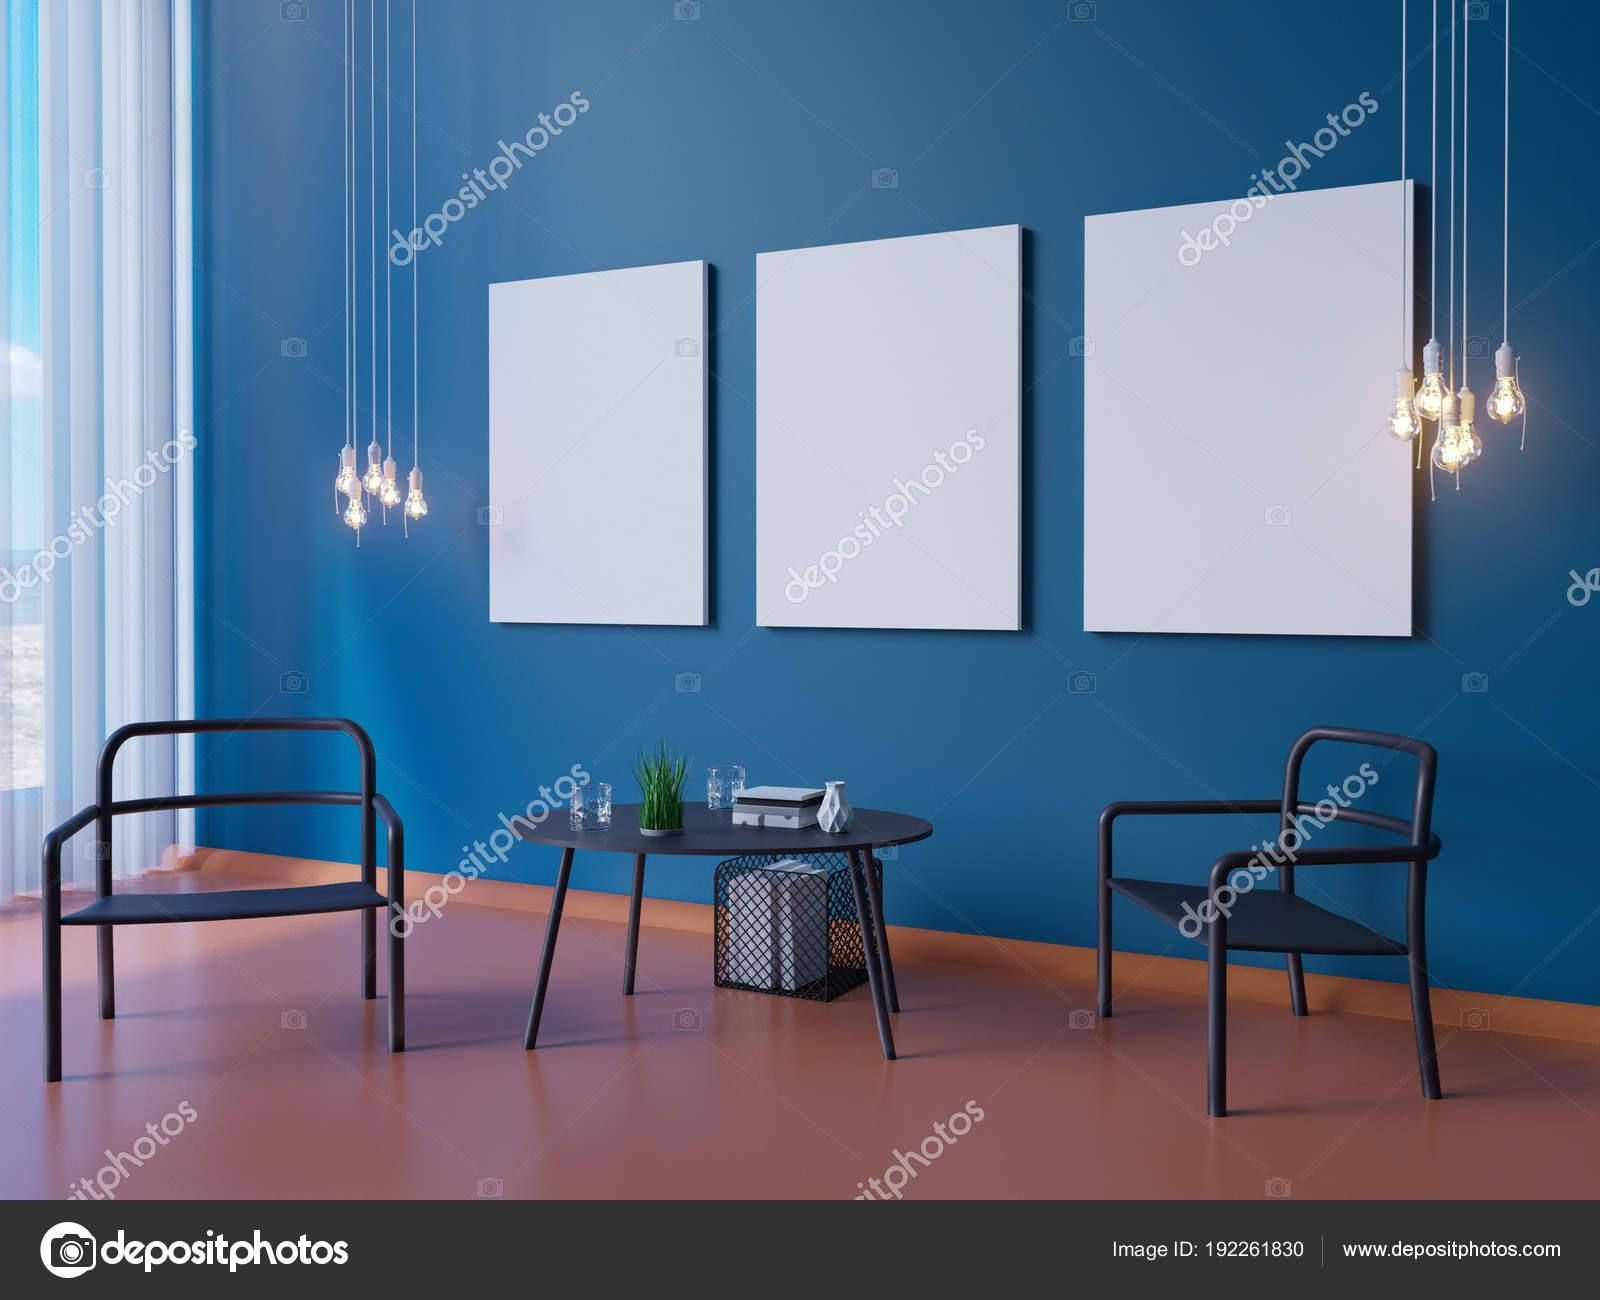 Brede moderne blauwe behang en interieur decoratie d illustrator